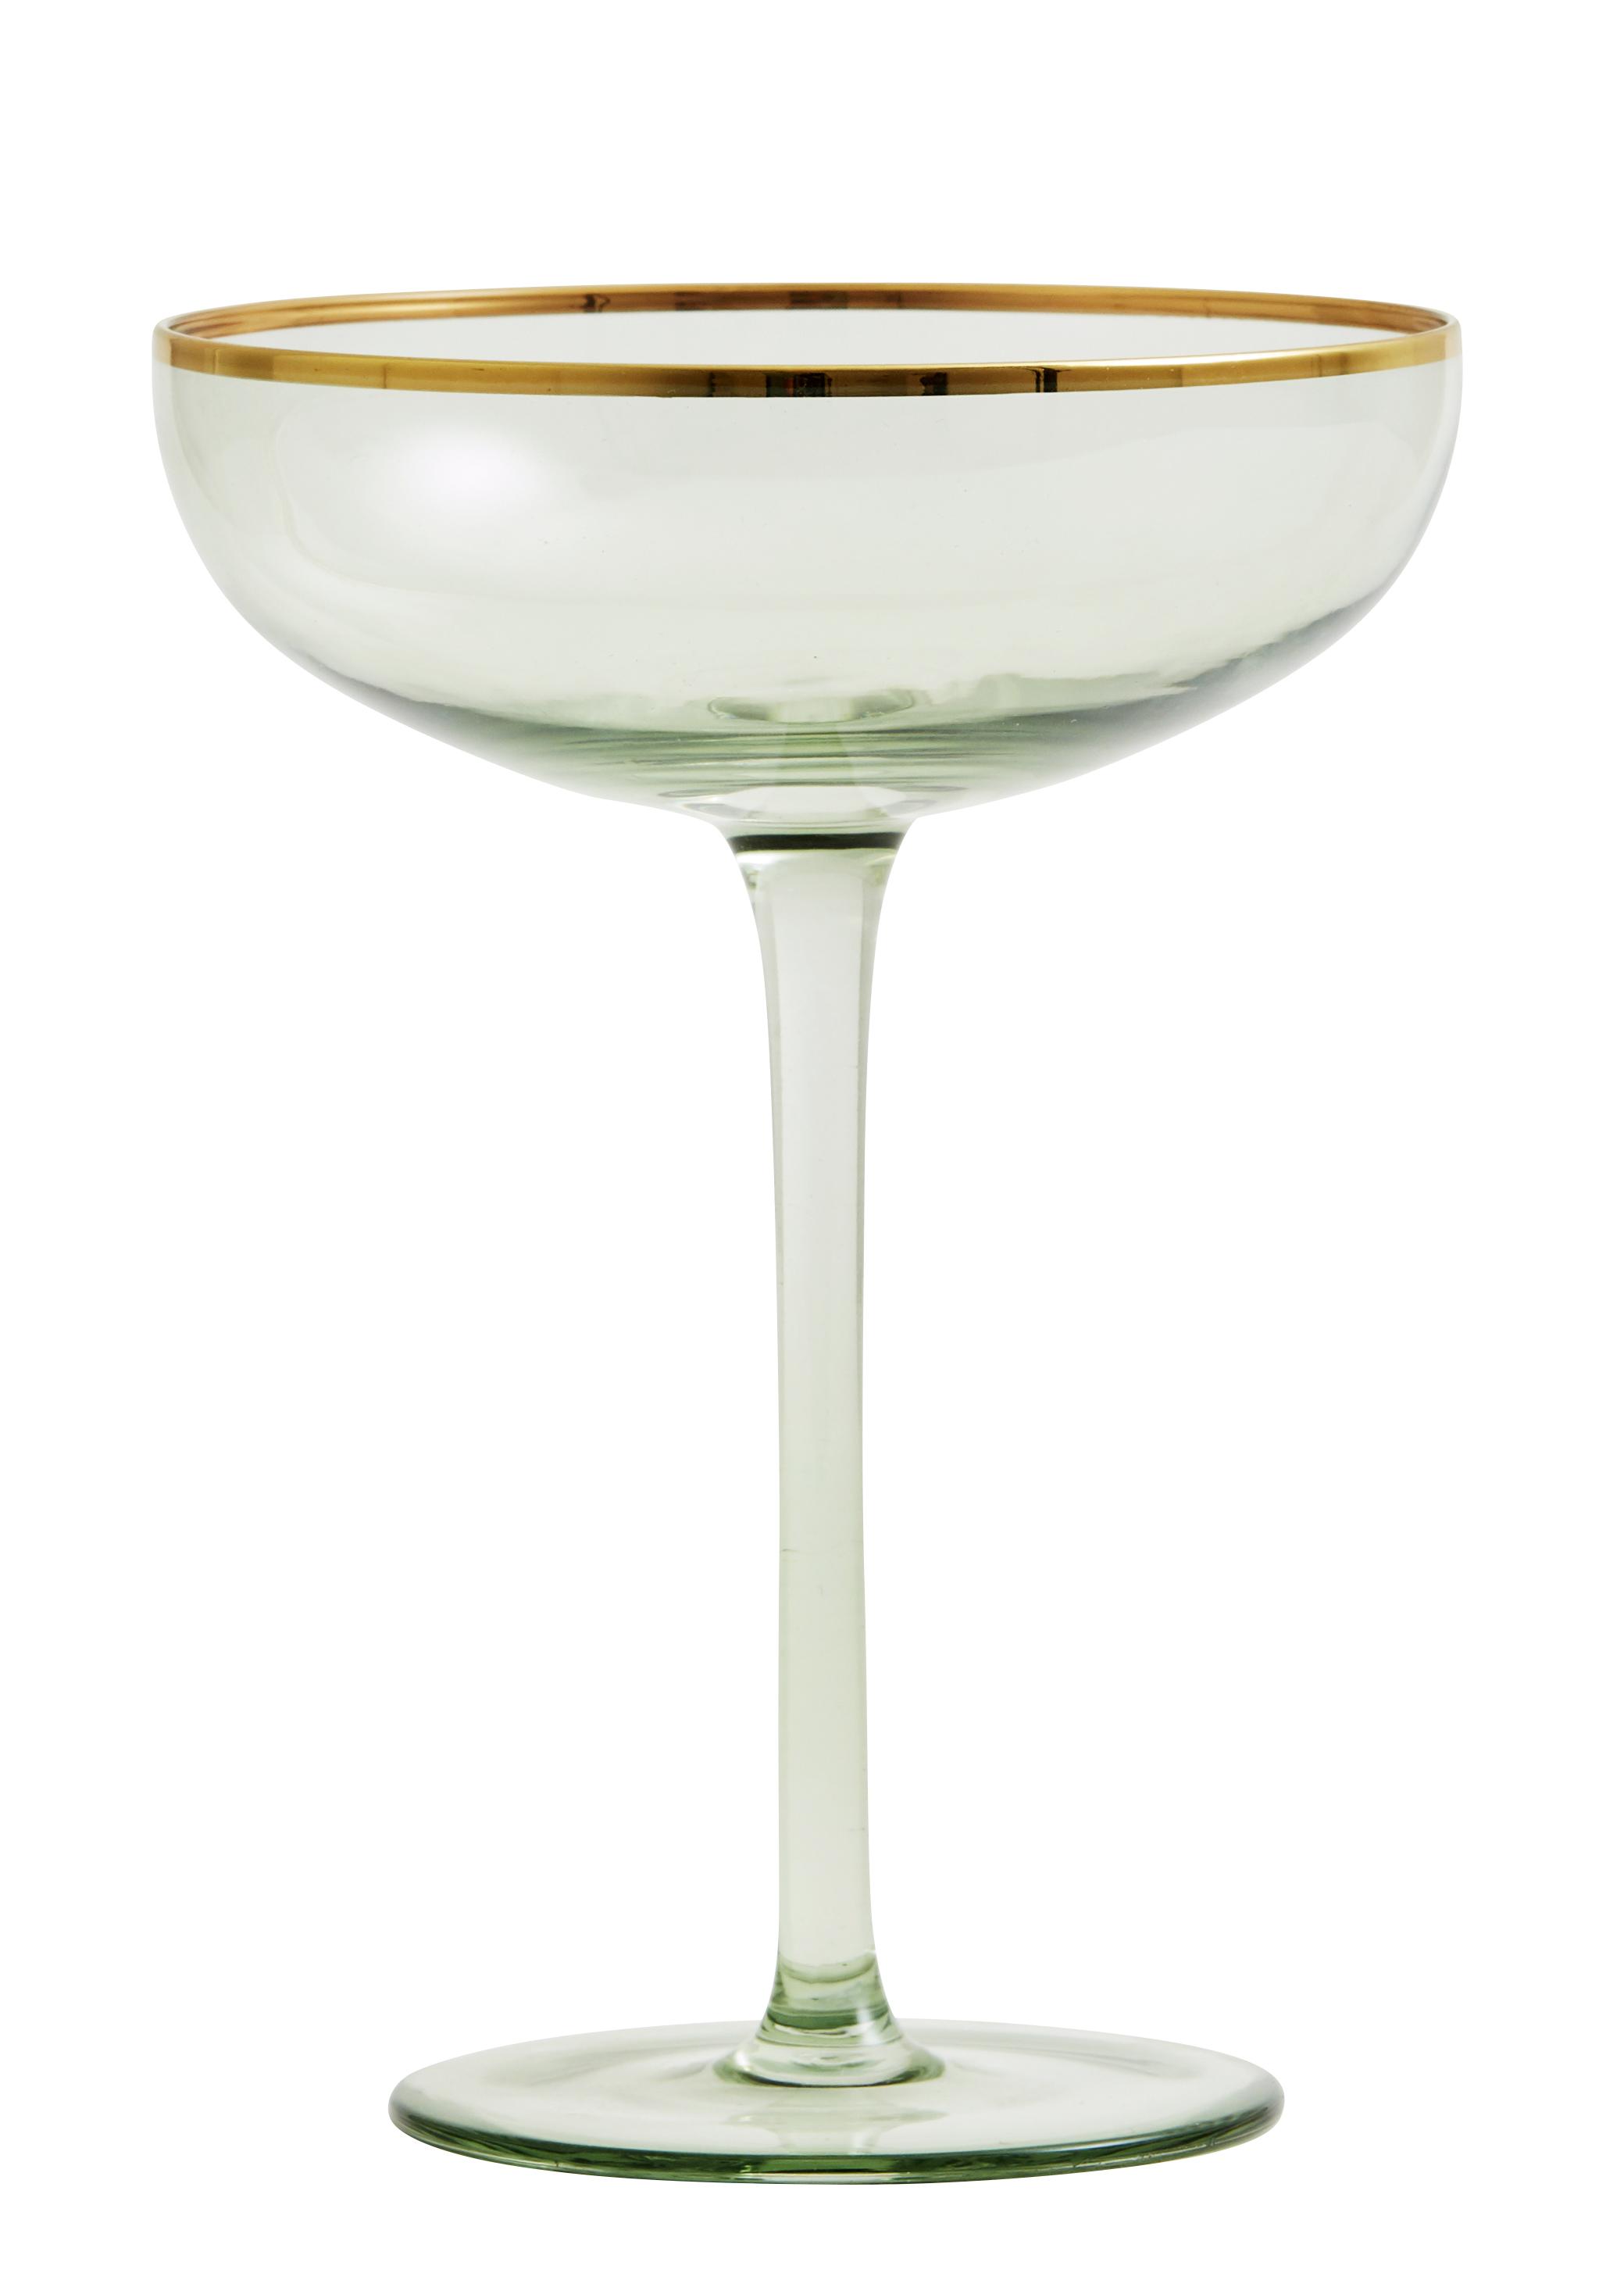 Greena Cocktailglas med guld detalj